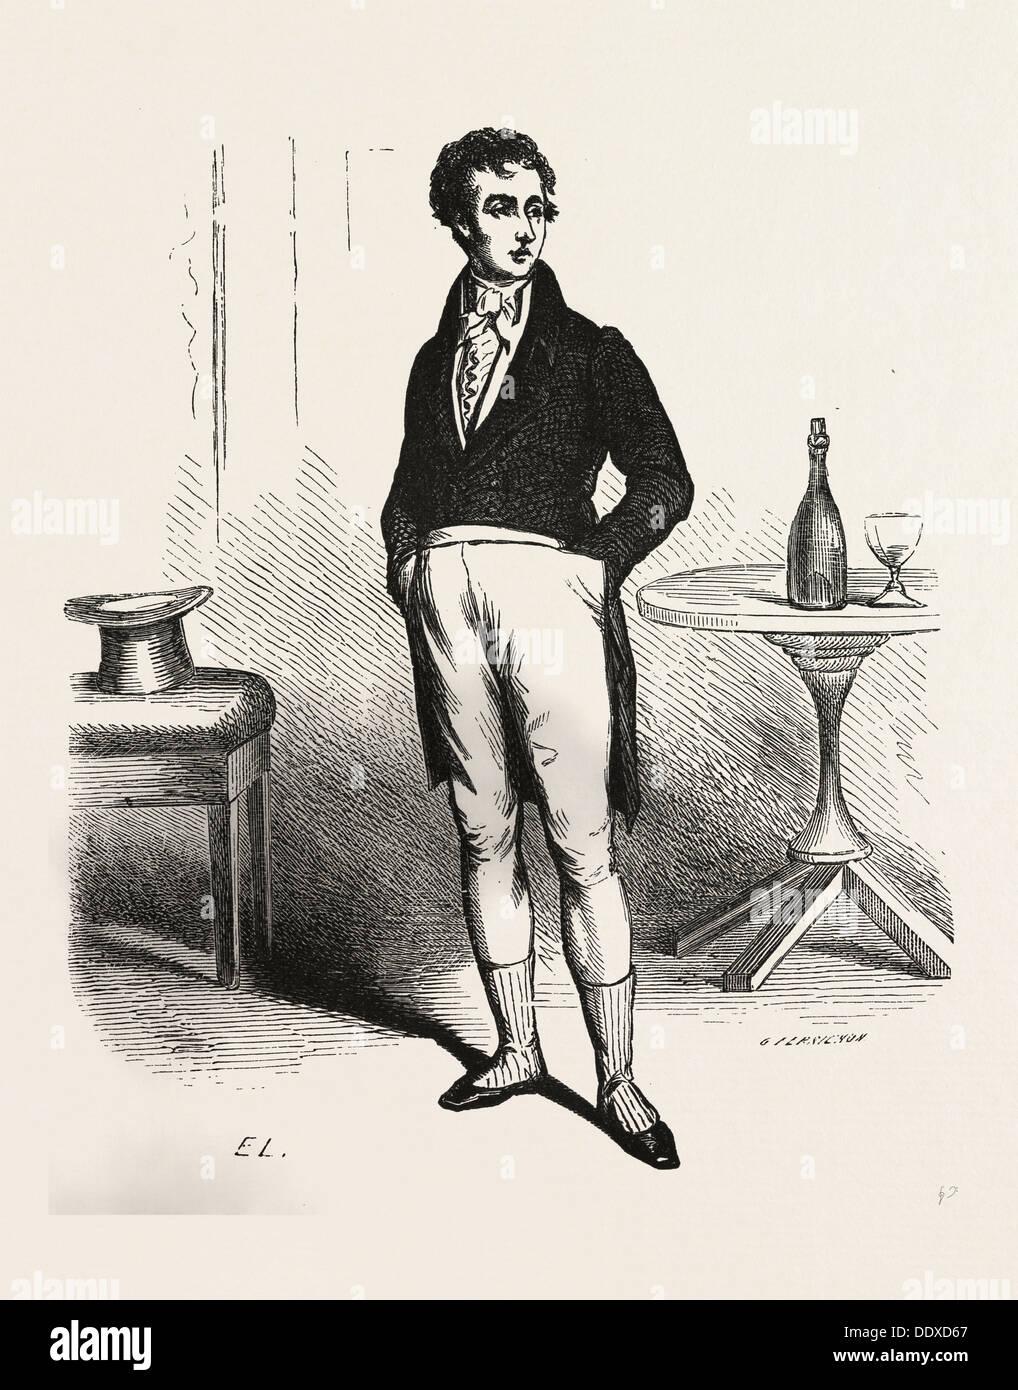 François Picaud, Alexandre Dumas, 19e siècle, Liszt archive gourmet, bouteille, verre, table, homme, hat Photo Stock